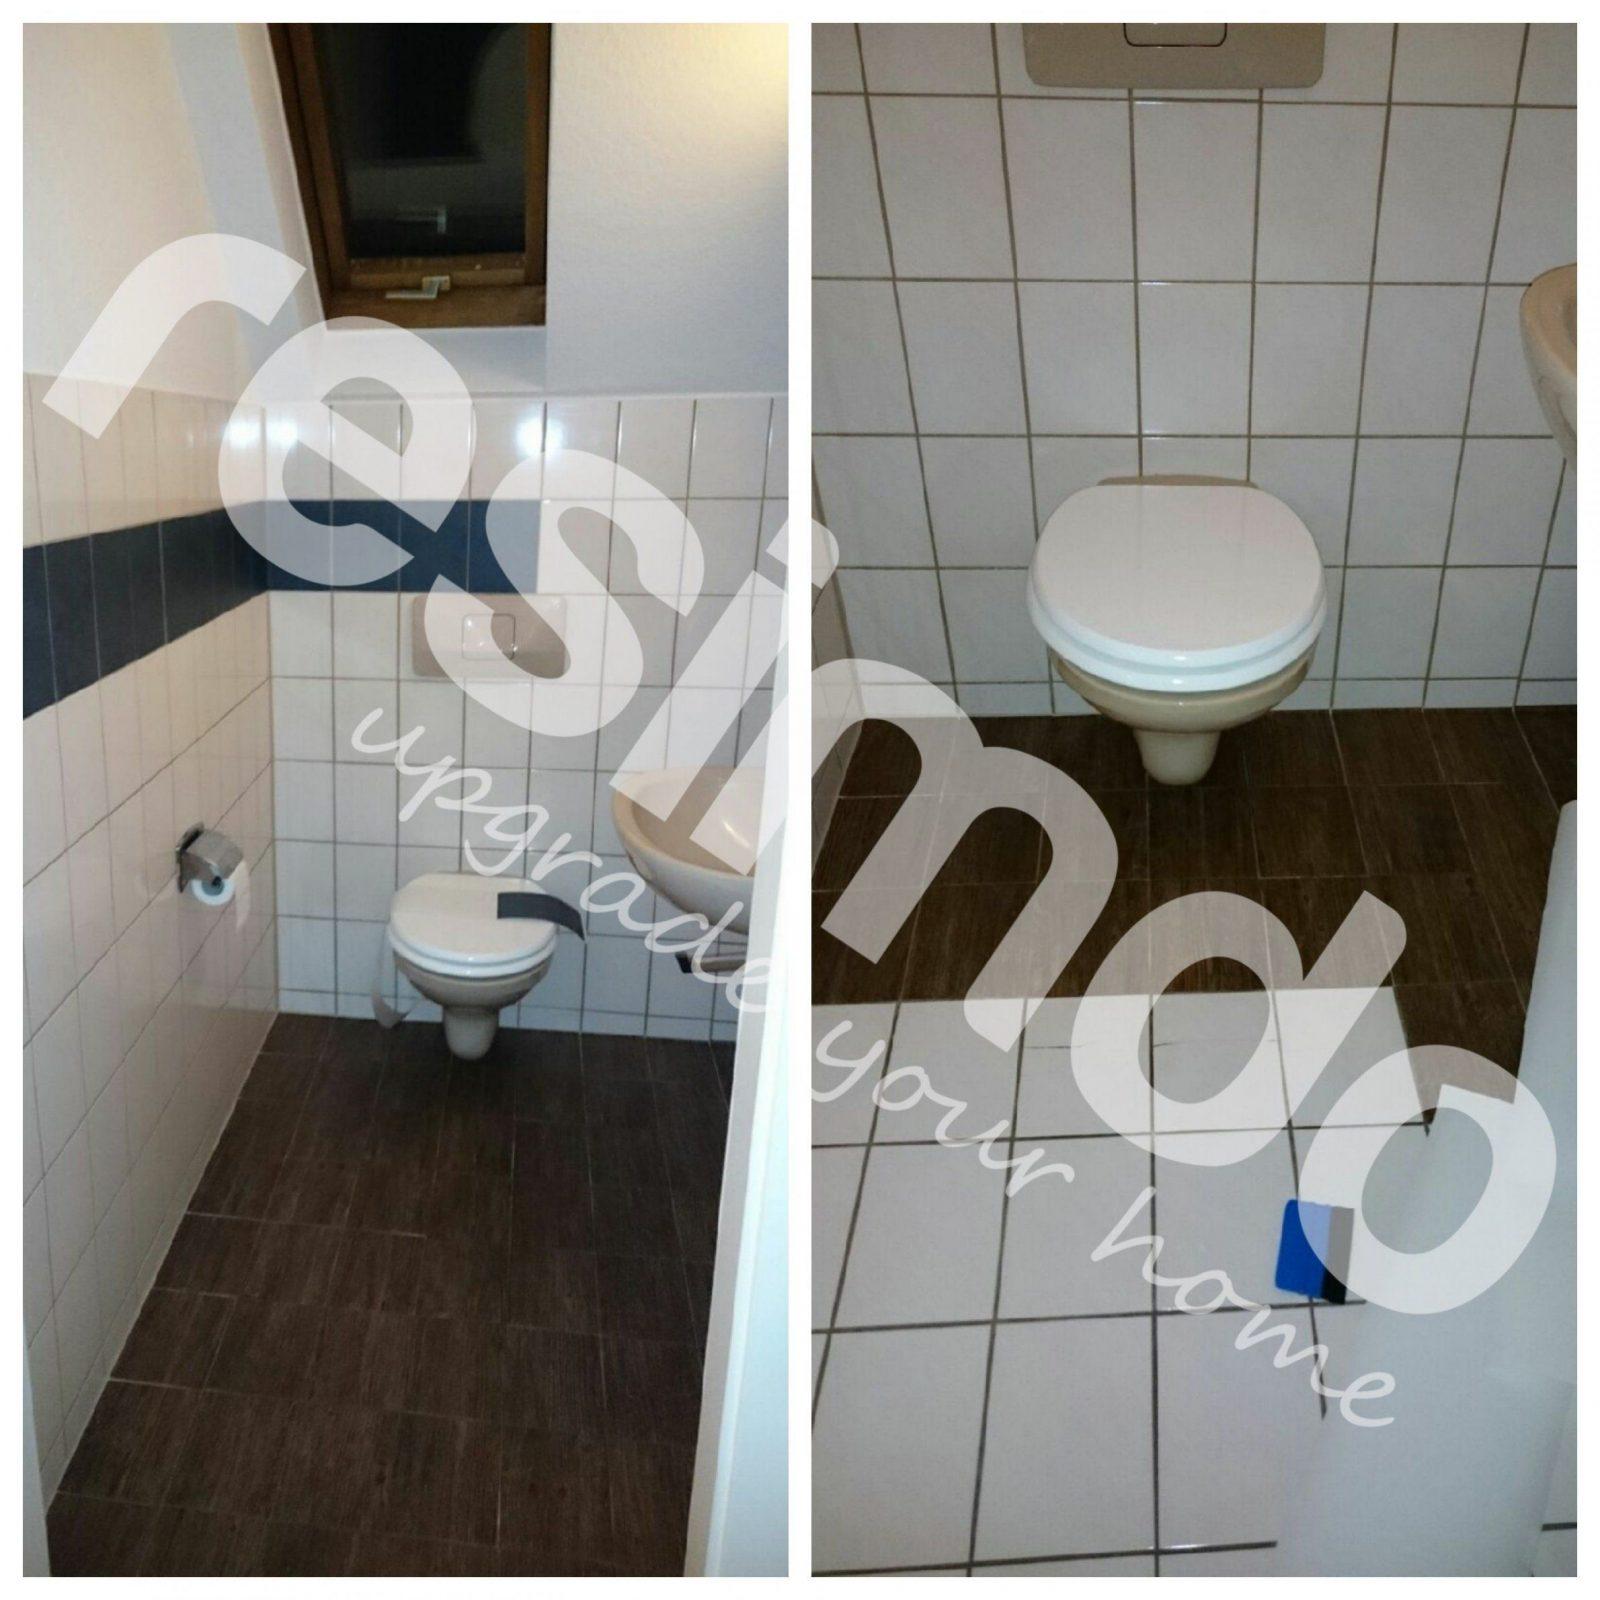 Fliesen Toilette Folieren Renovieren Holz Bekleben Diy von Hässliche Bad Fliesen Überkleben Bild